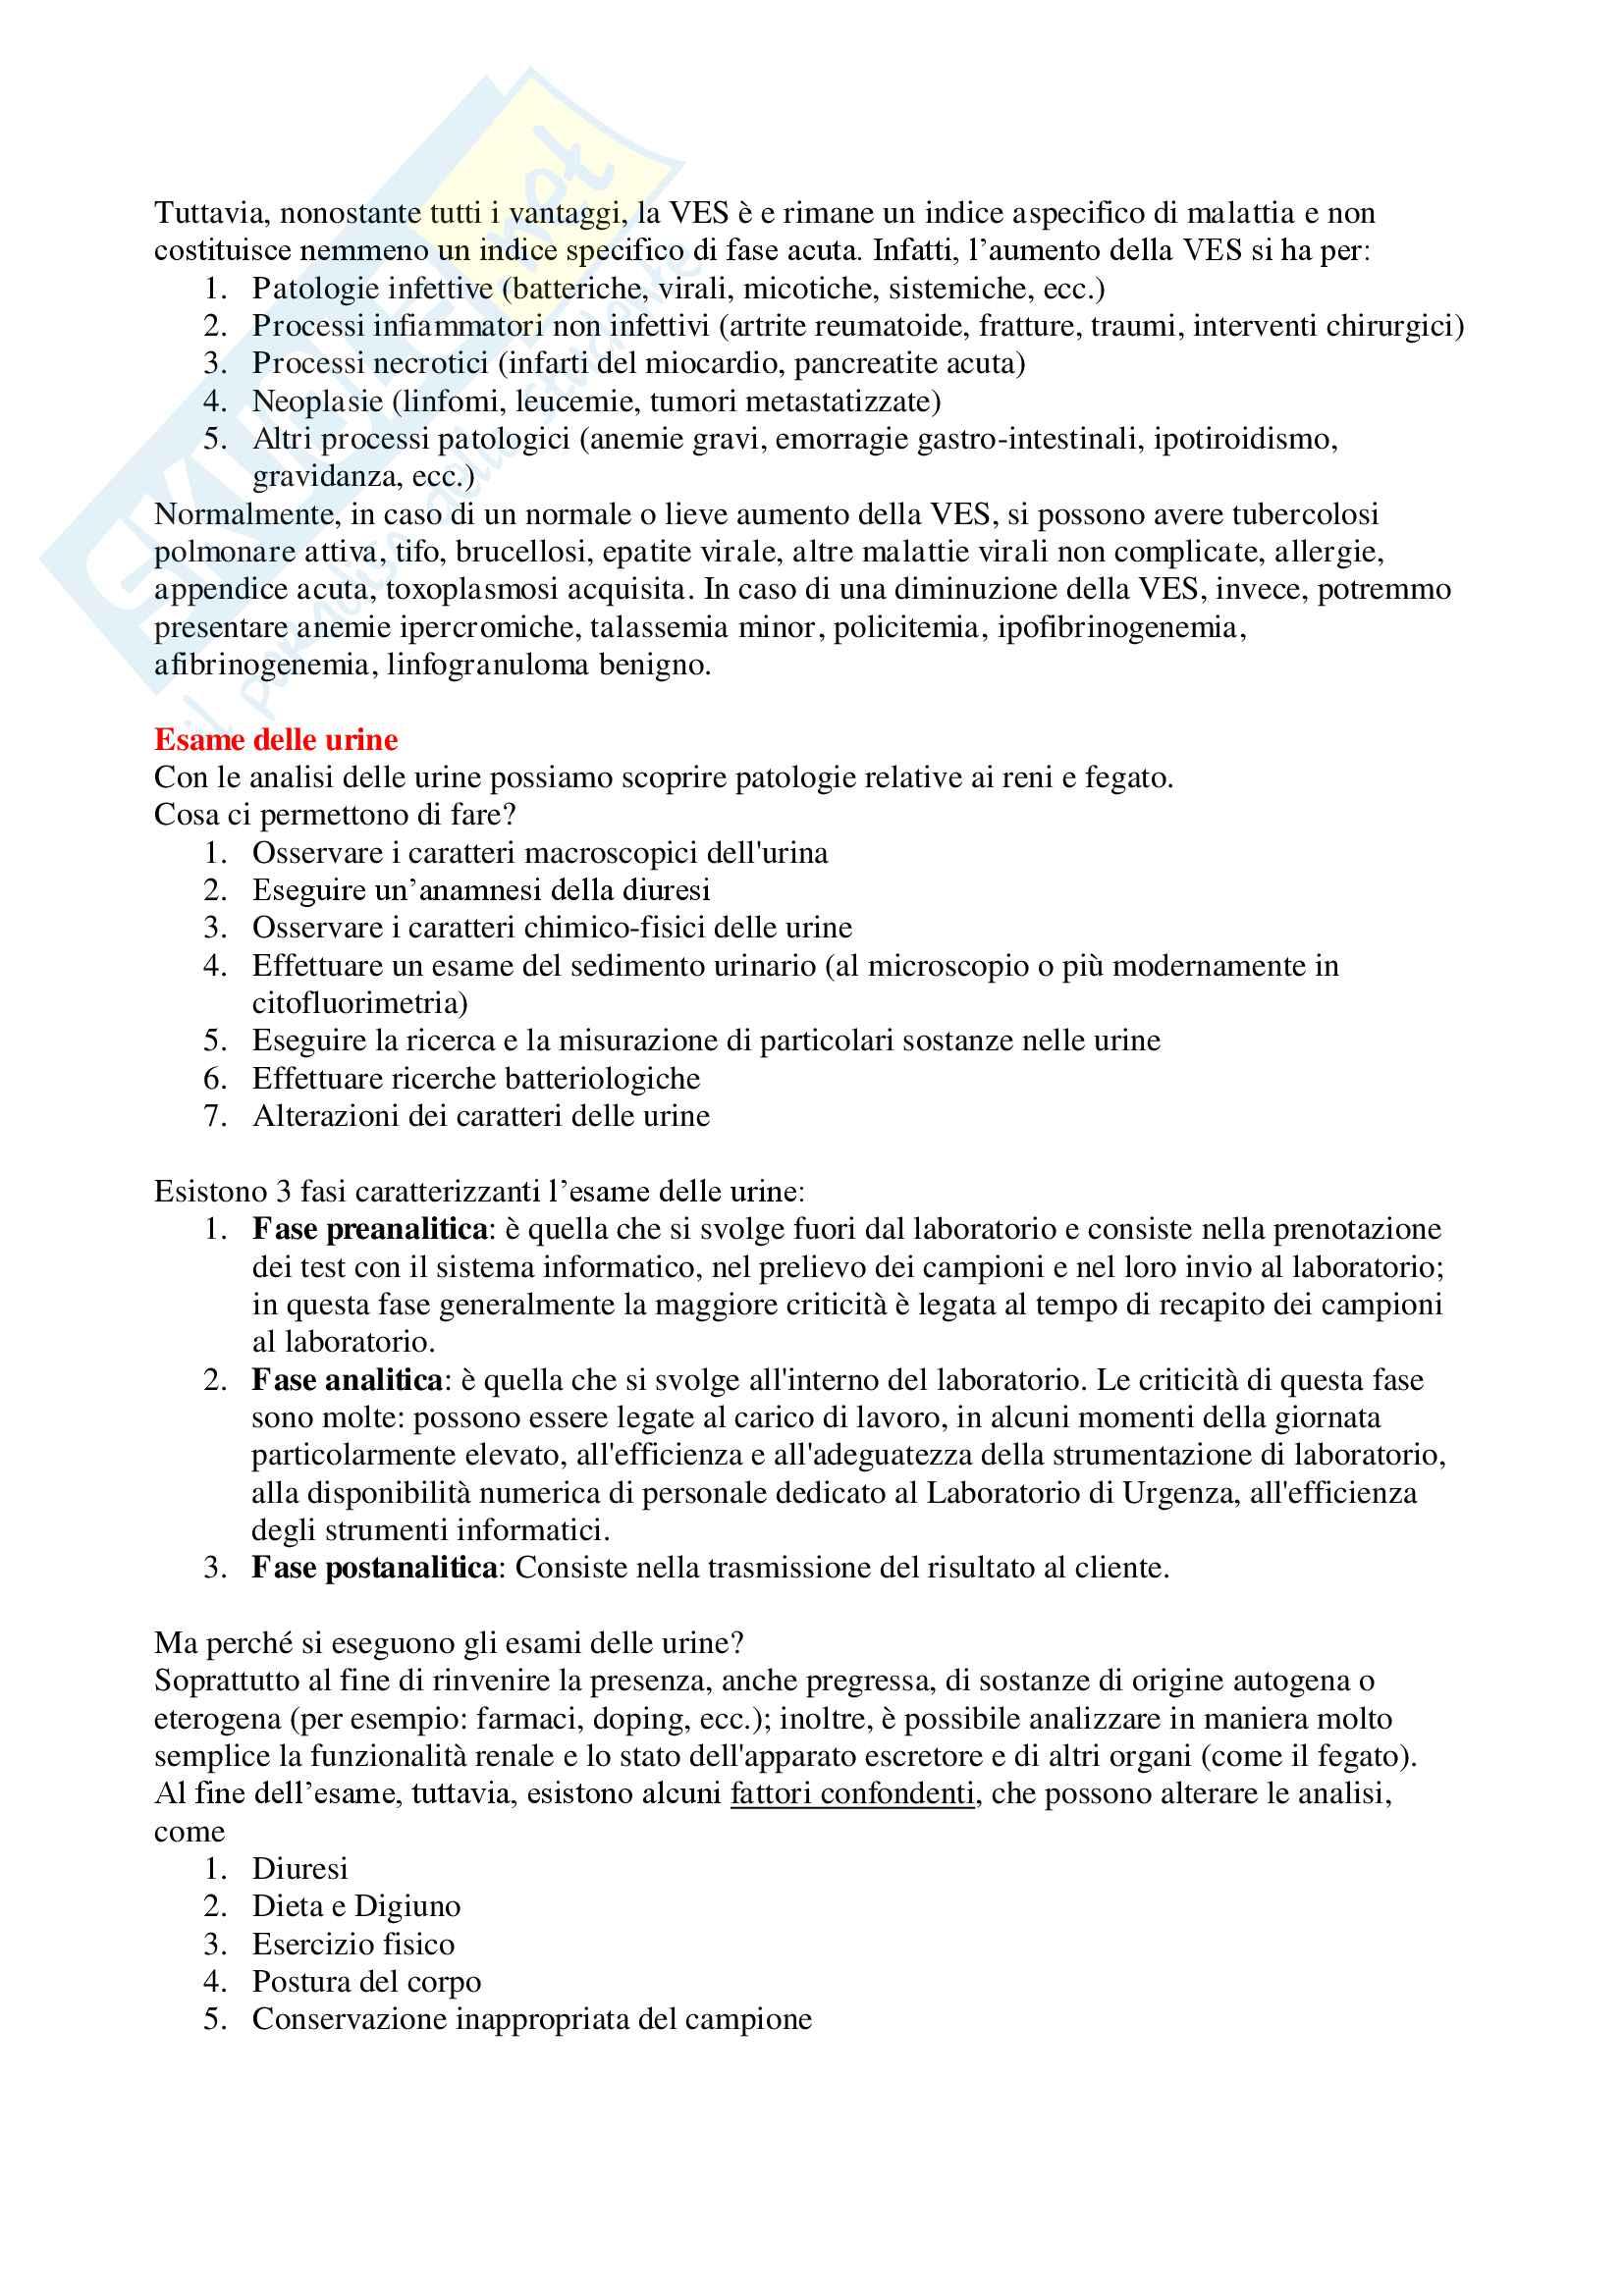 Patologia Clinica - Appunti Completi Pag. 11